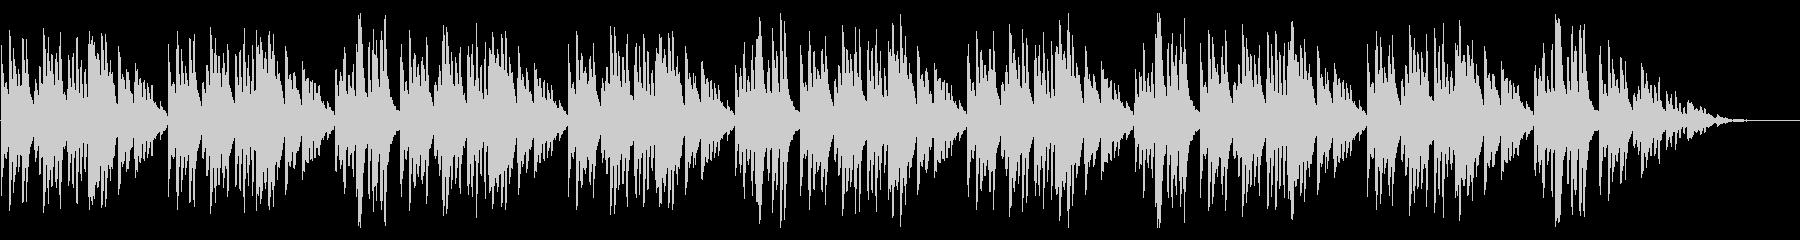 童謡「うさぎ」琴のシンプルなアレンジの未再生の波形